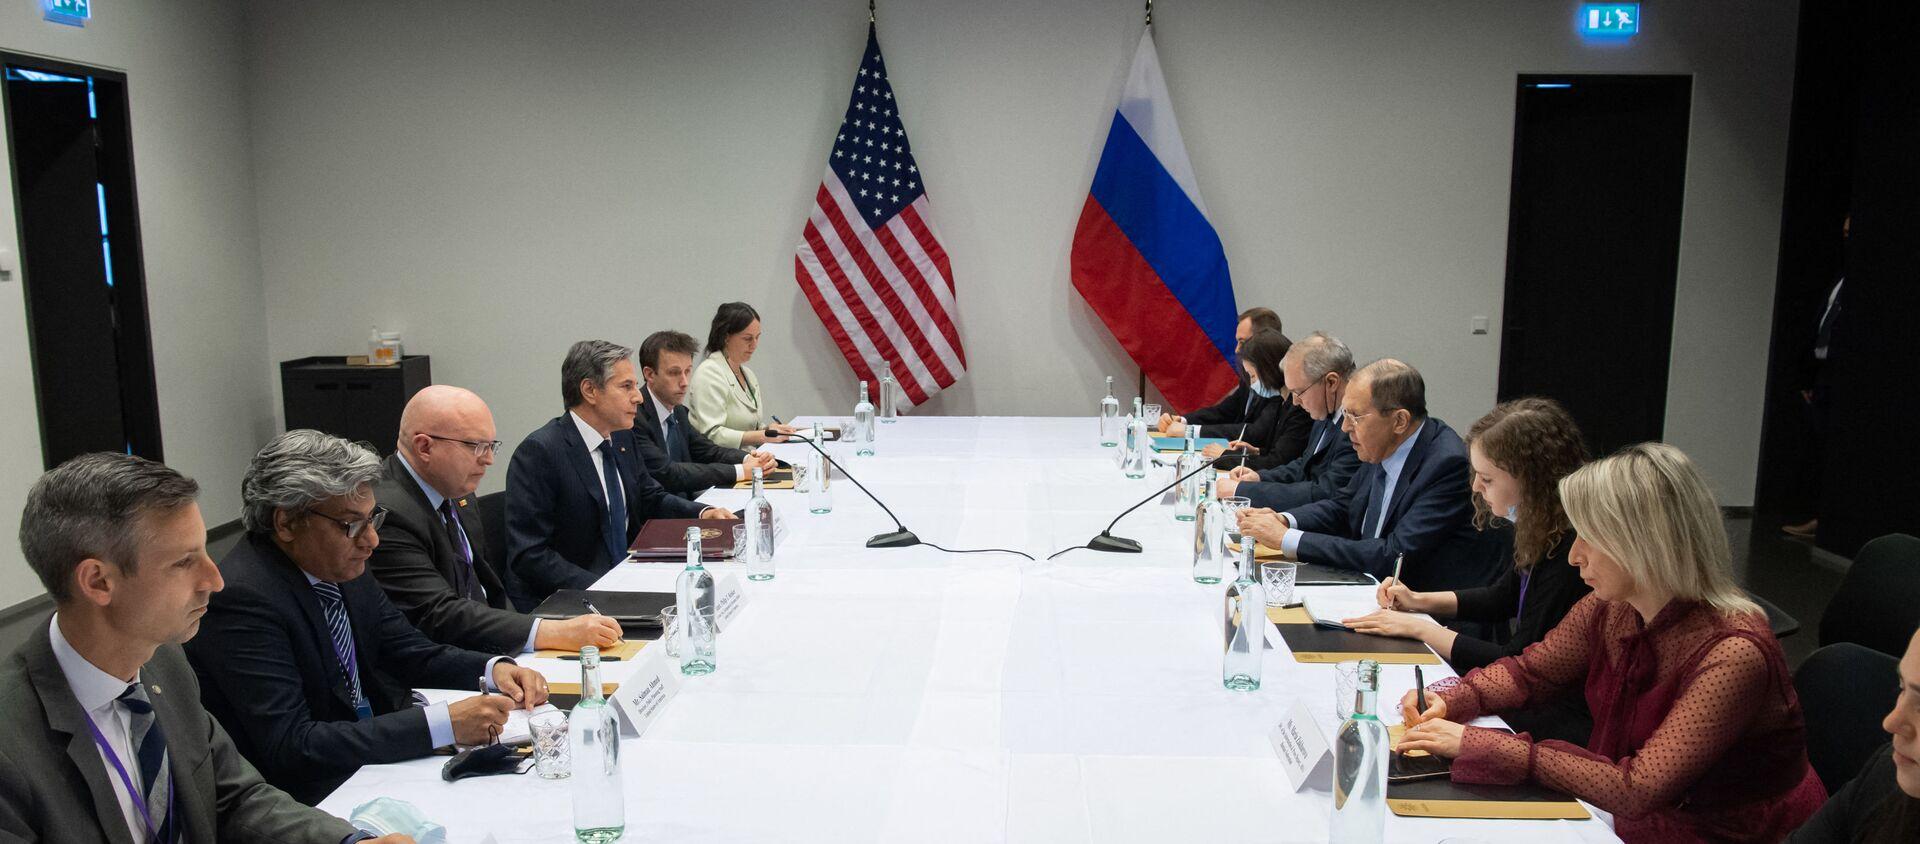 Ngoại trưởng Nga Sergei Lavrov và Ngoại trưởng Hoa Kỳ Antony Blinken - Sputnik Việt Nam, 1920, 20.05.2021